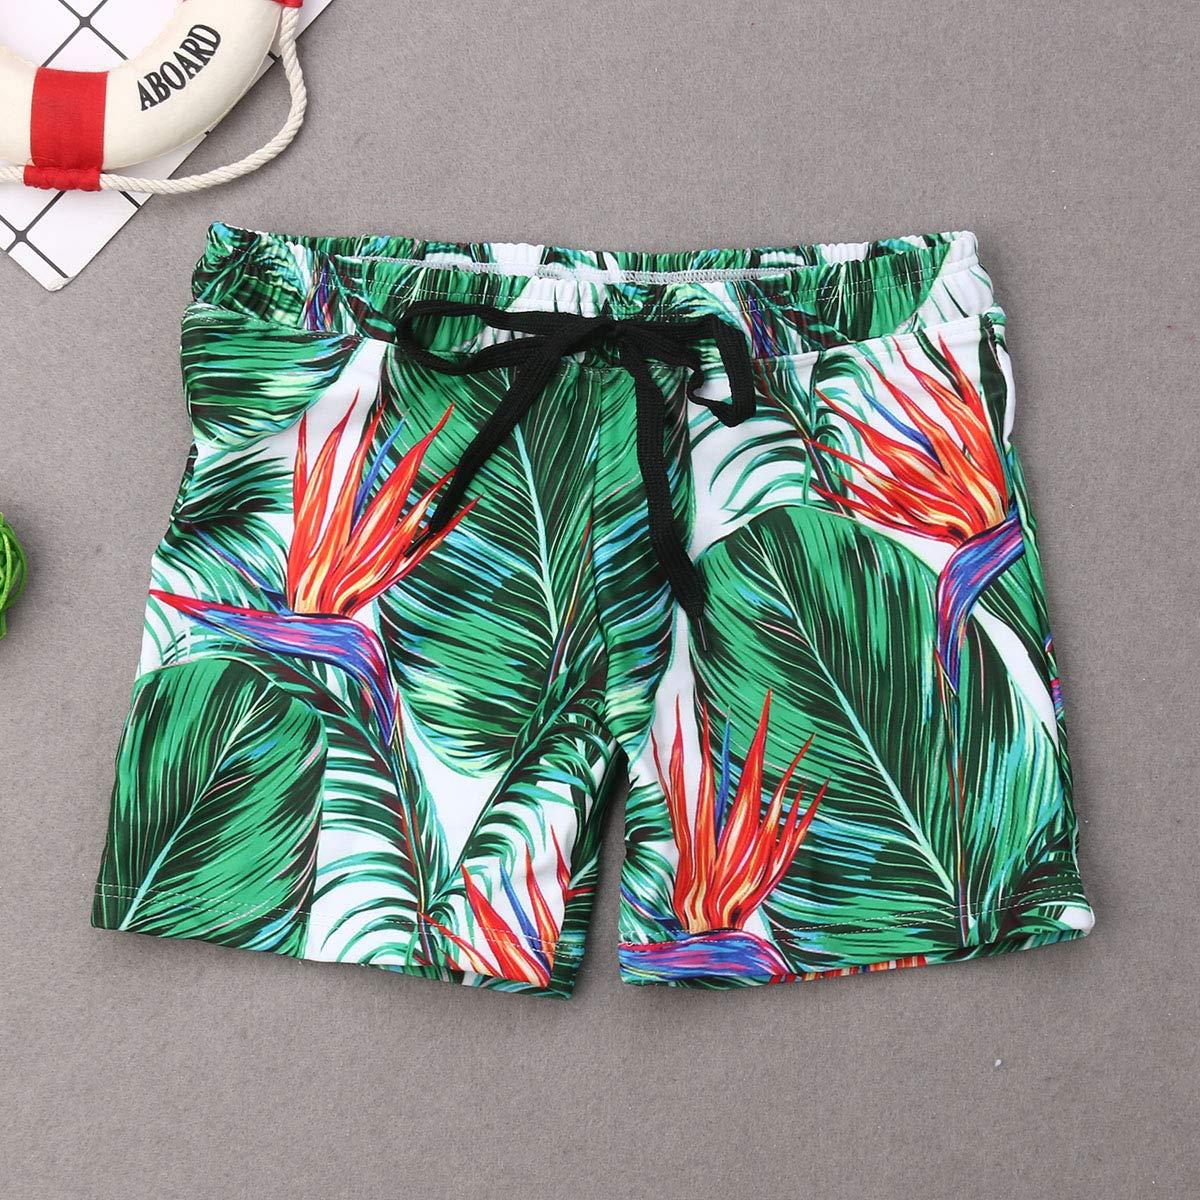 douleway Maman Et Moi Bikinis Taille Haute 2 Pi/èces Maillots De Bain,M/ère P/ère Fille Gar/çon Famille Correspondant Maillot de Bain,Maman Et Moi Bikinis Taille Haute 2 Pi/èces Maillots De Bain